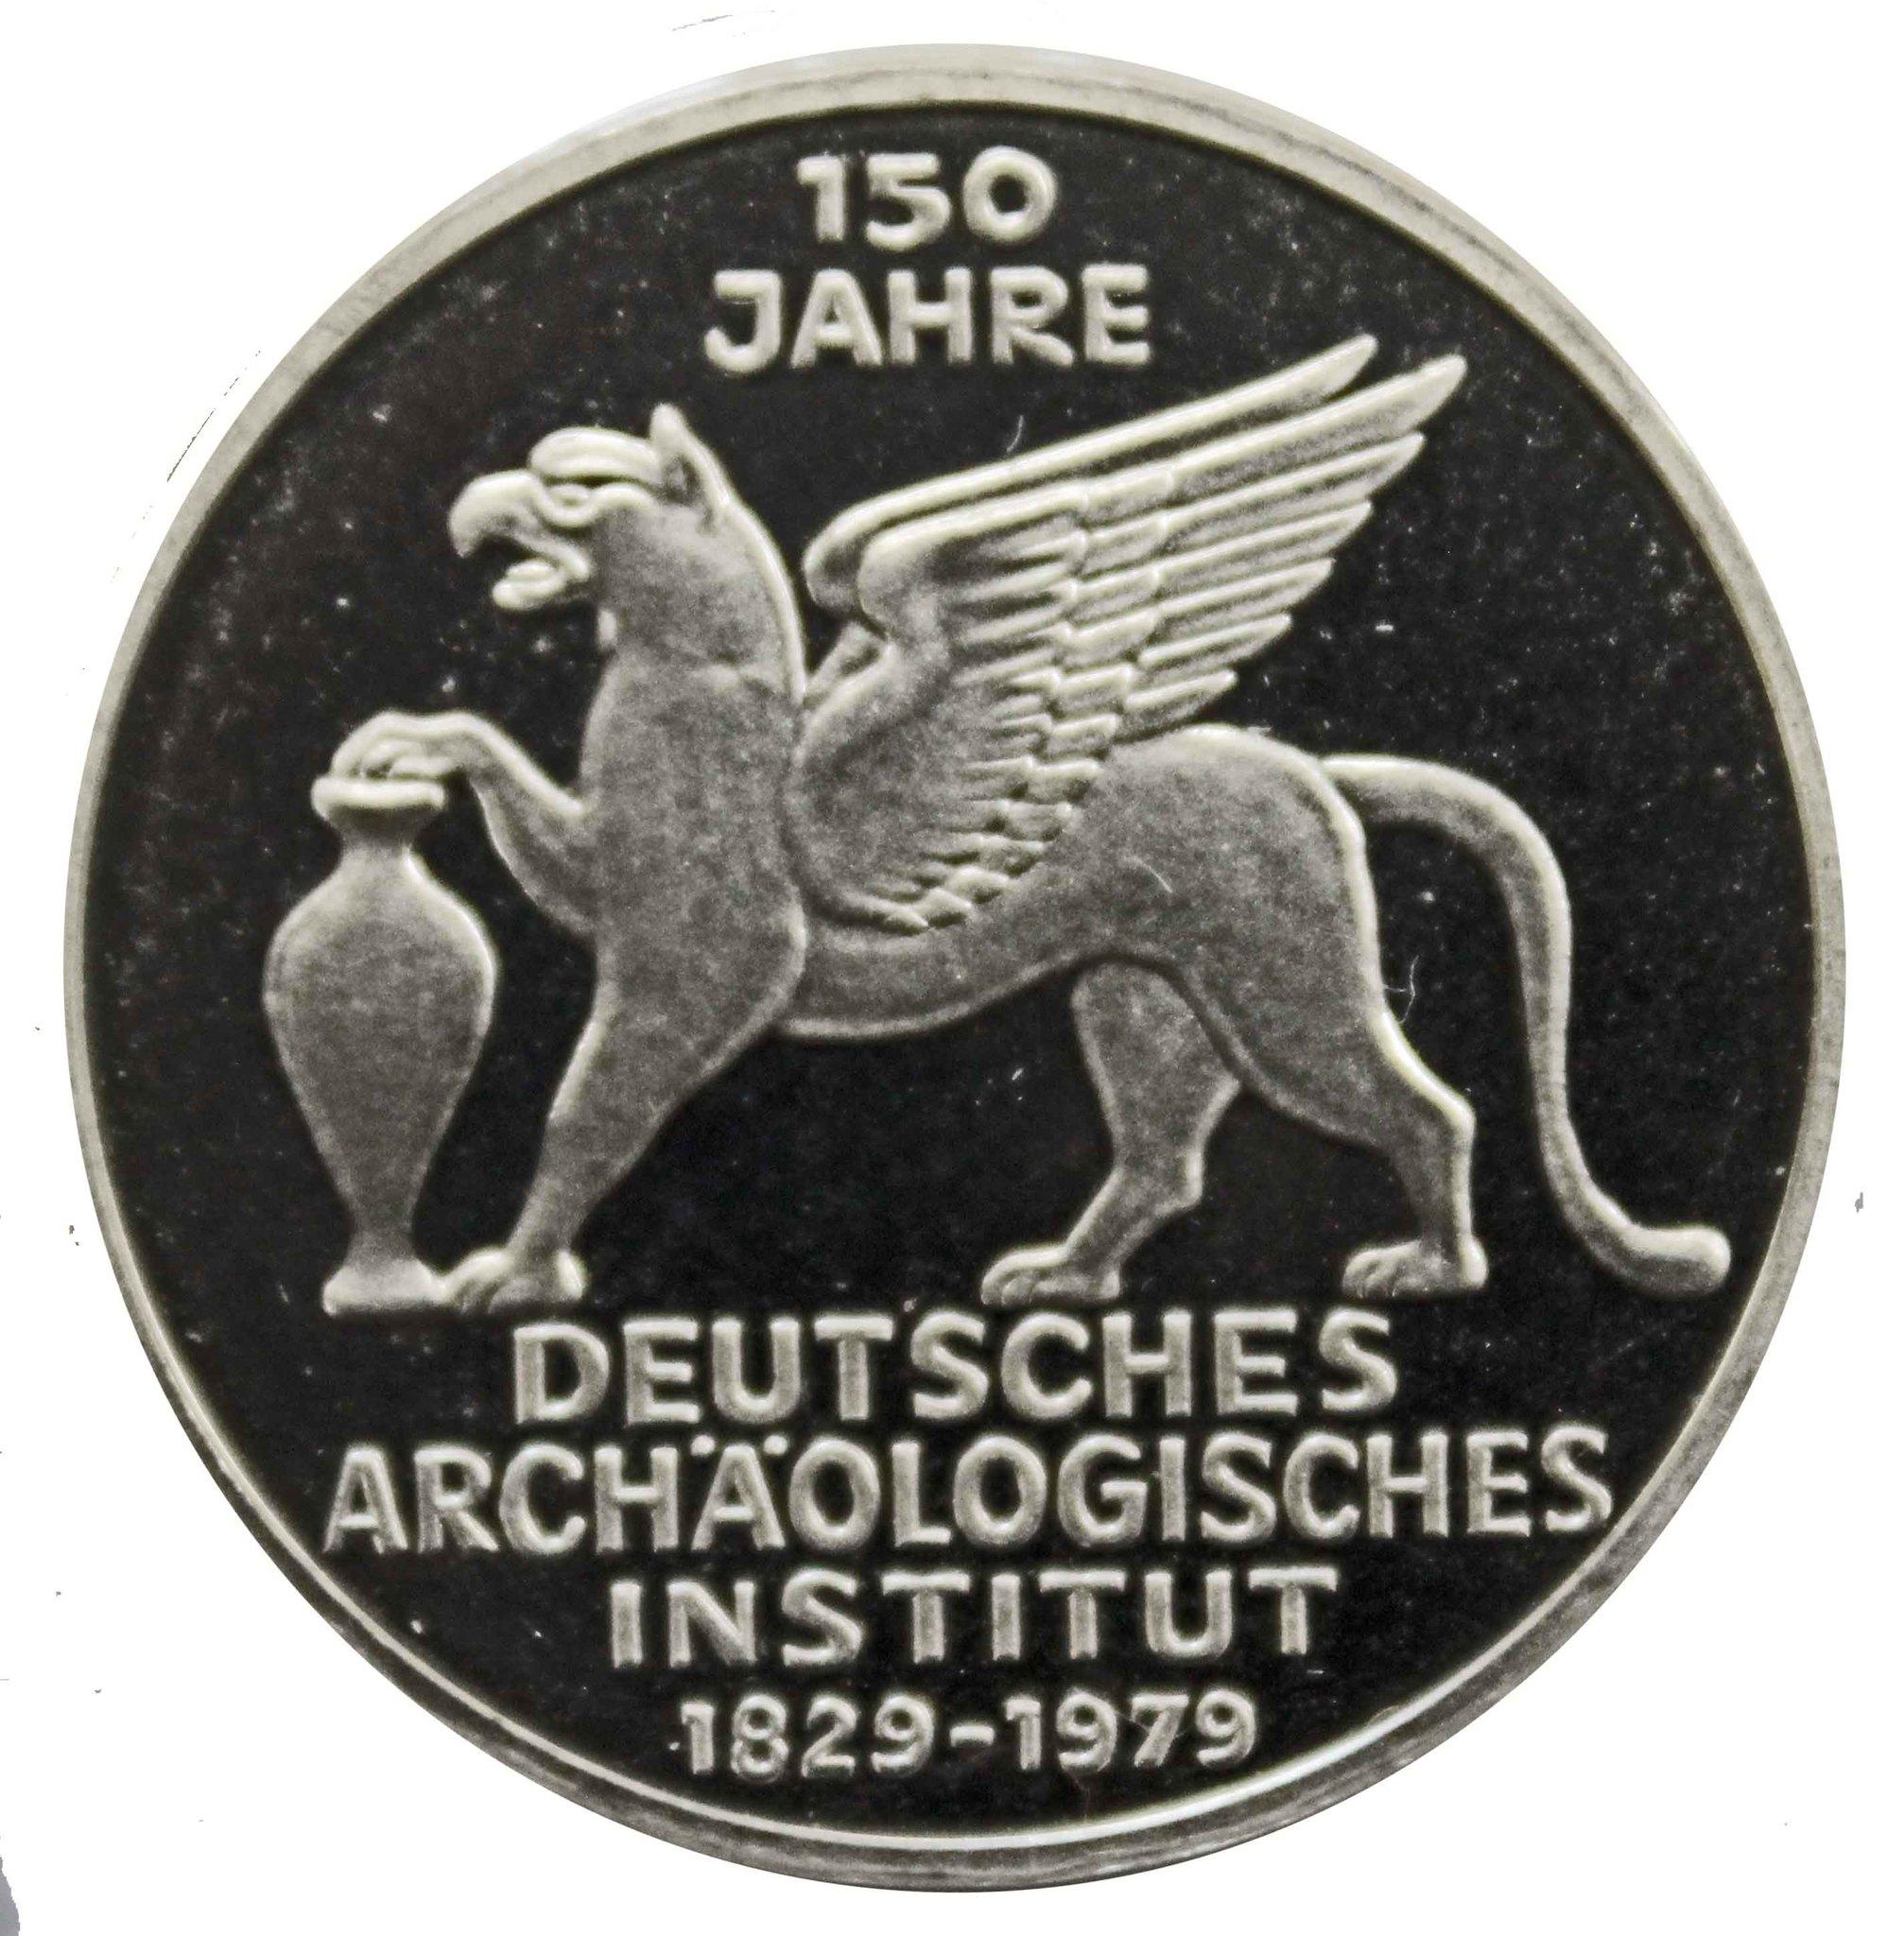 5 марок. 150 лет Немецкому археологическому институту. Германия. (J). Серебро. 1979 год. PROOF